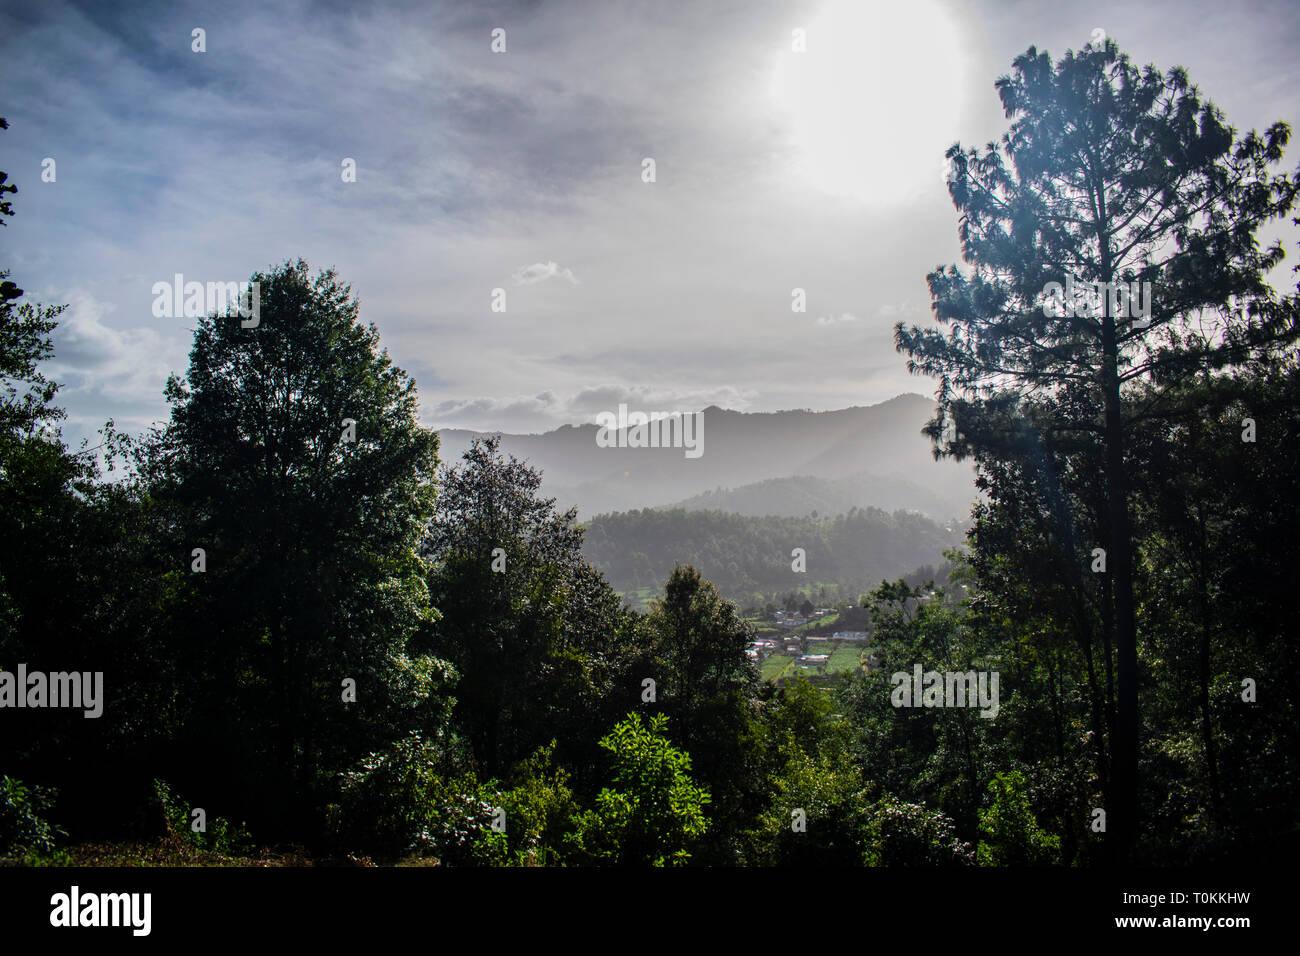 Cajola mirador al gran valle amanecer sobre los arboles en las grandes montañas de pueblo,, unà vista panoramica e unica con grandes maravillas de la Foto Stock